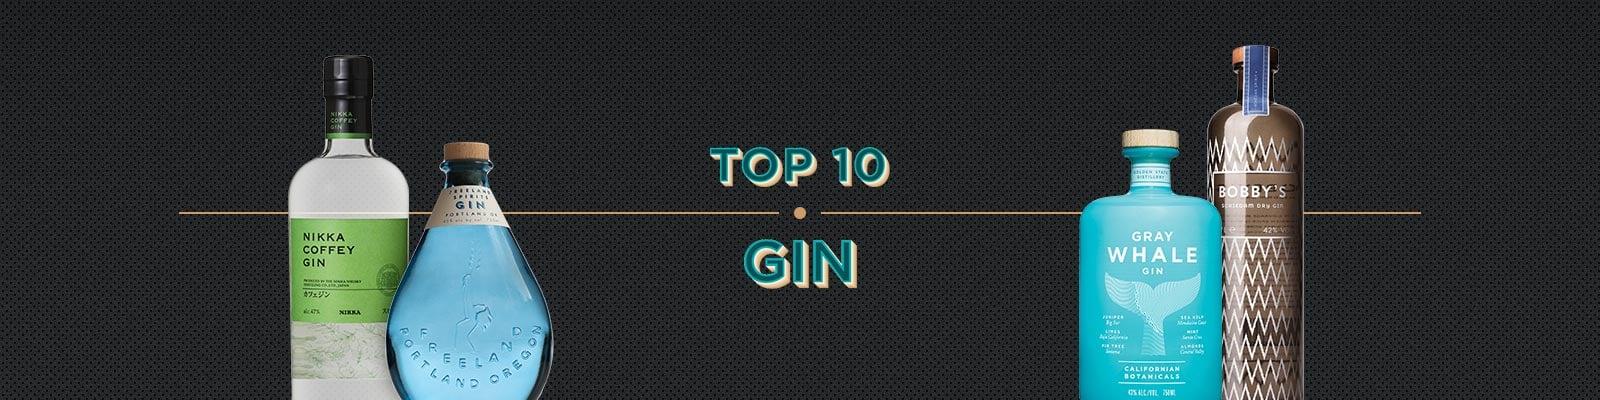 Top 10 Gin